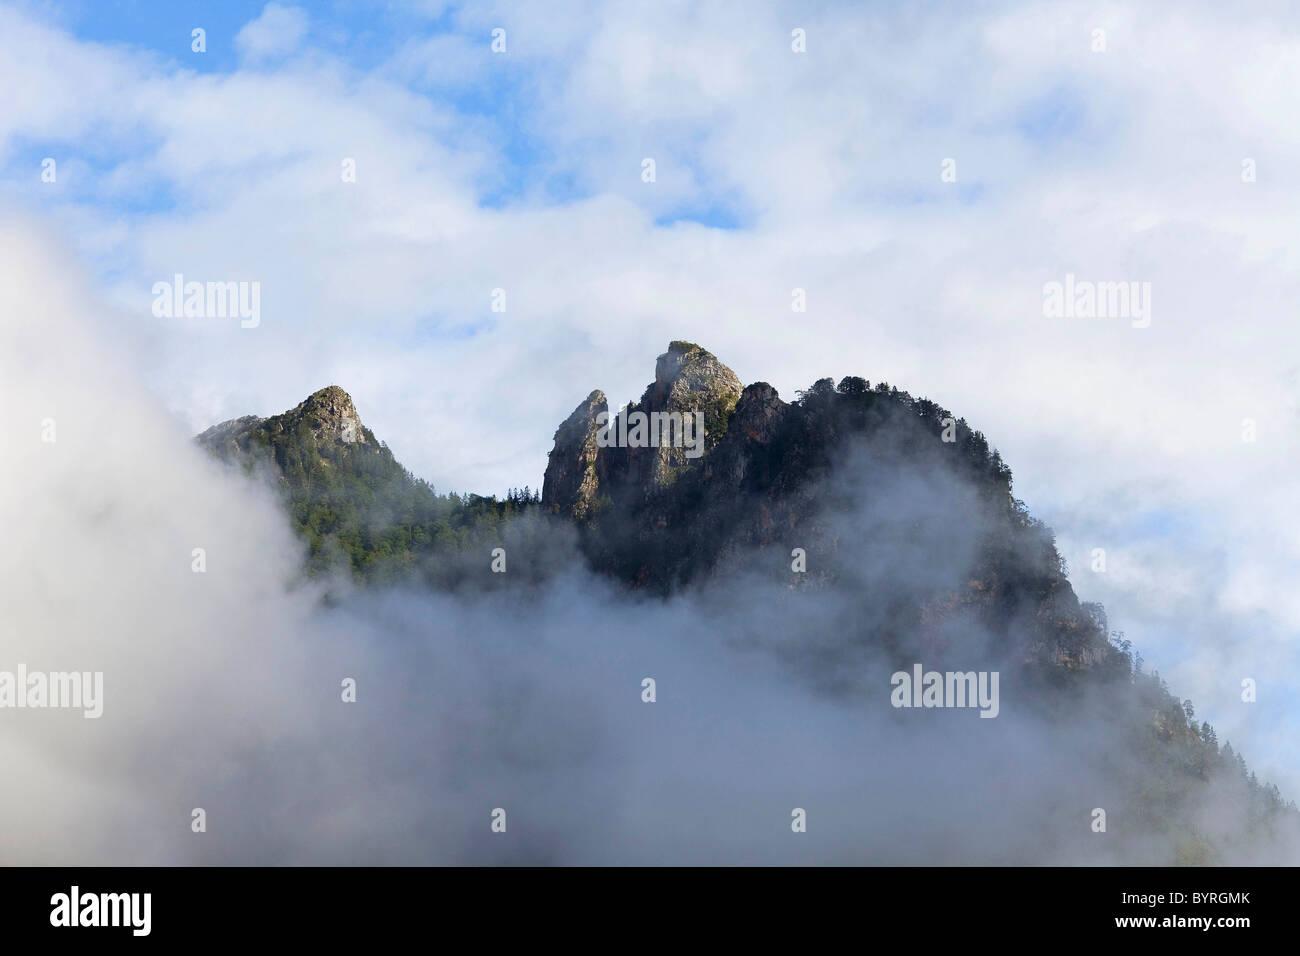 Silhouette de montagnes dans les Alpes de Berchtesgaden qui forment ce qu'on appelle la sorcière de couchage Photo Stock